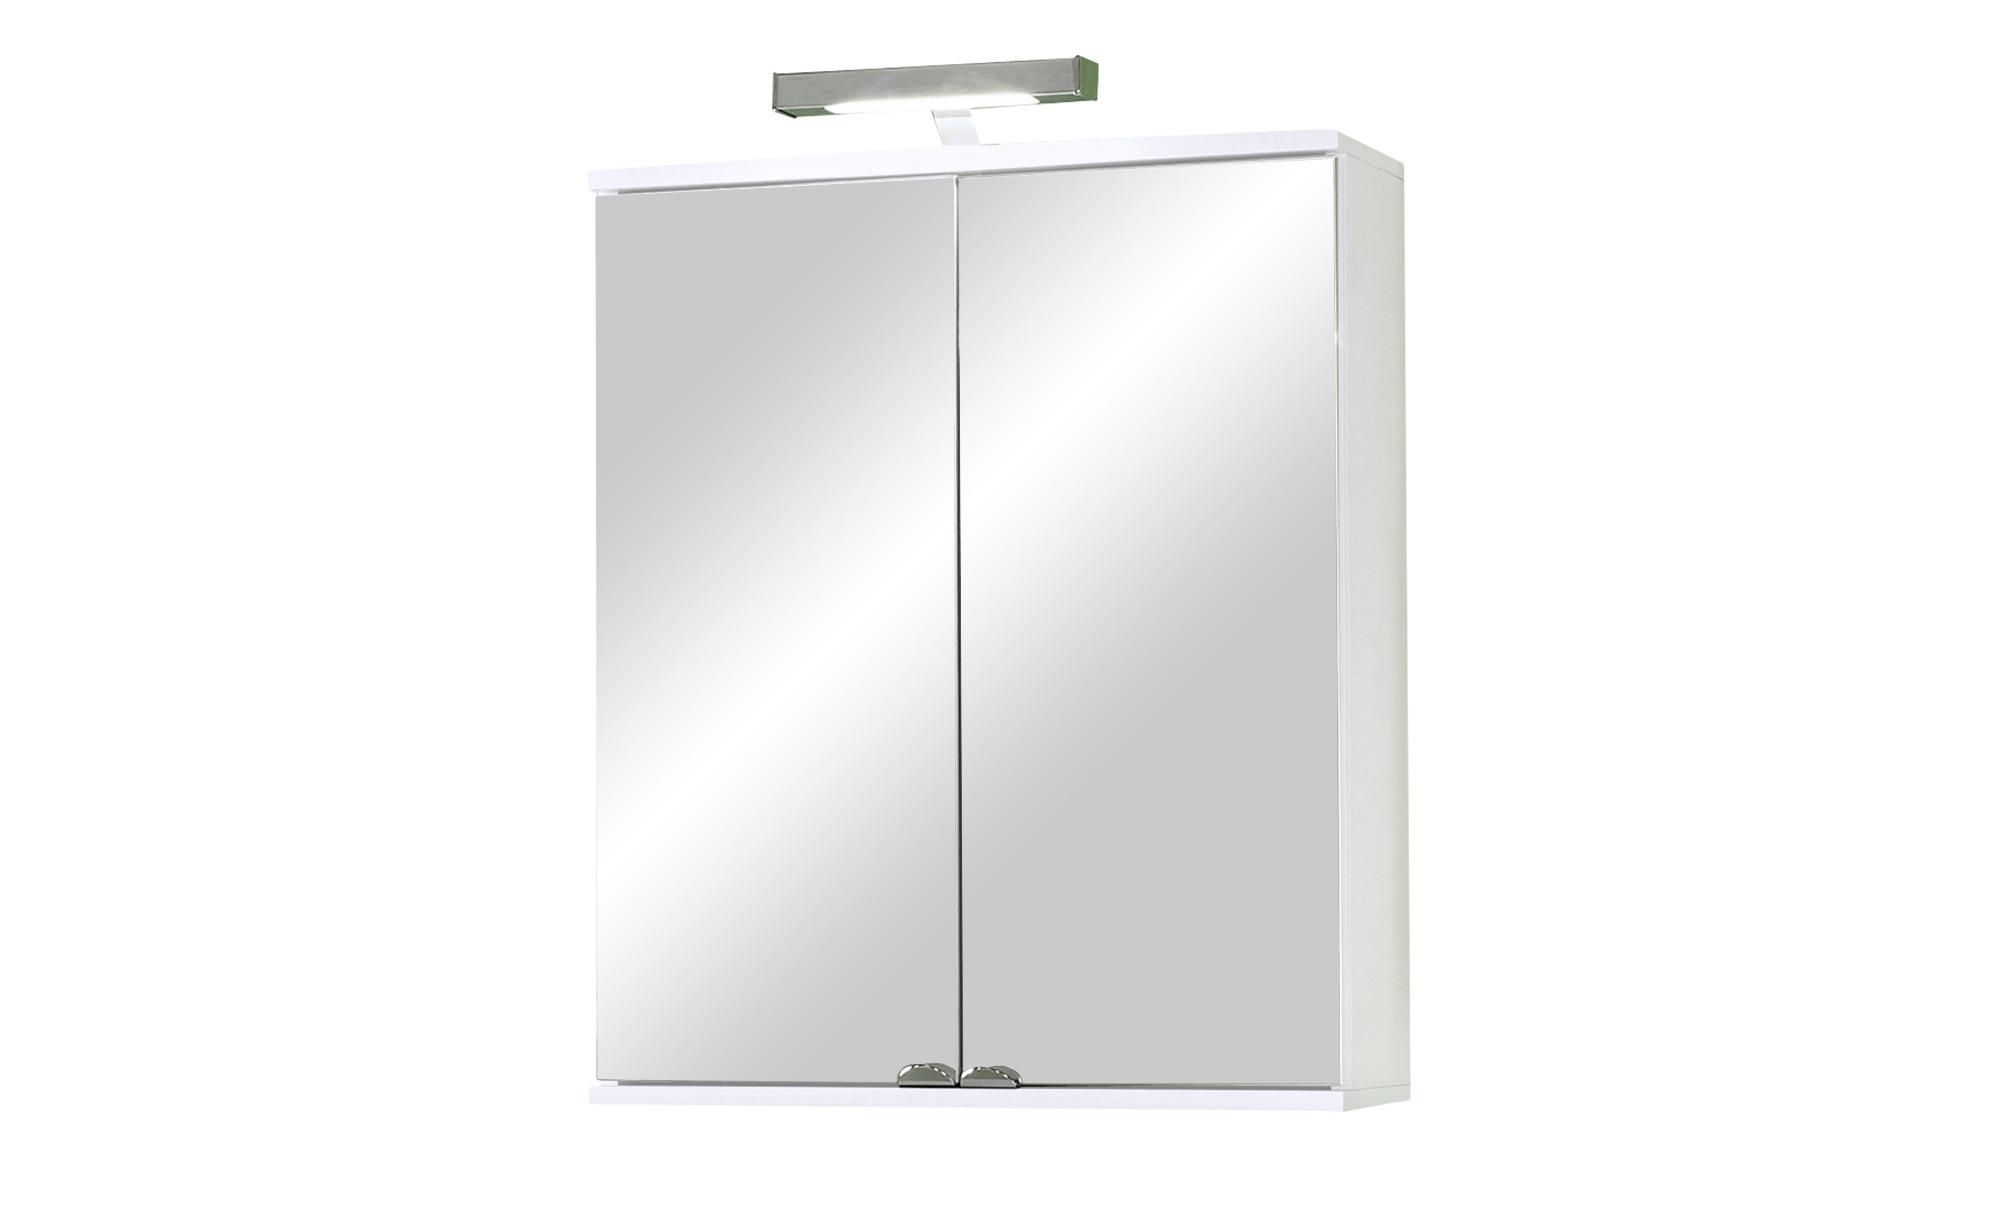 Bad-Spiegelschrank  Ilsesee ¦ Maße (cm): B: 60 H: 70 T: 20 Schränke > Badschränke > Spiegelschränke - Höffner   Bad > Spiegel fürs Bad   Kunststoff - Holz   Möbel Höffner DE